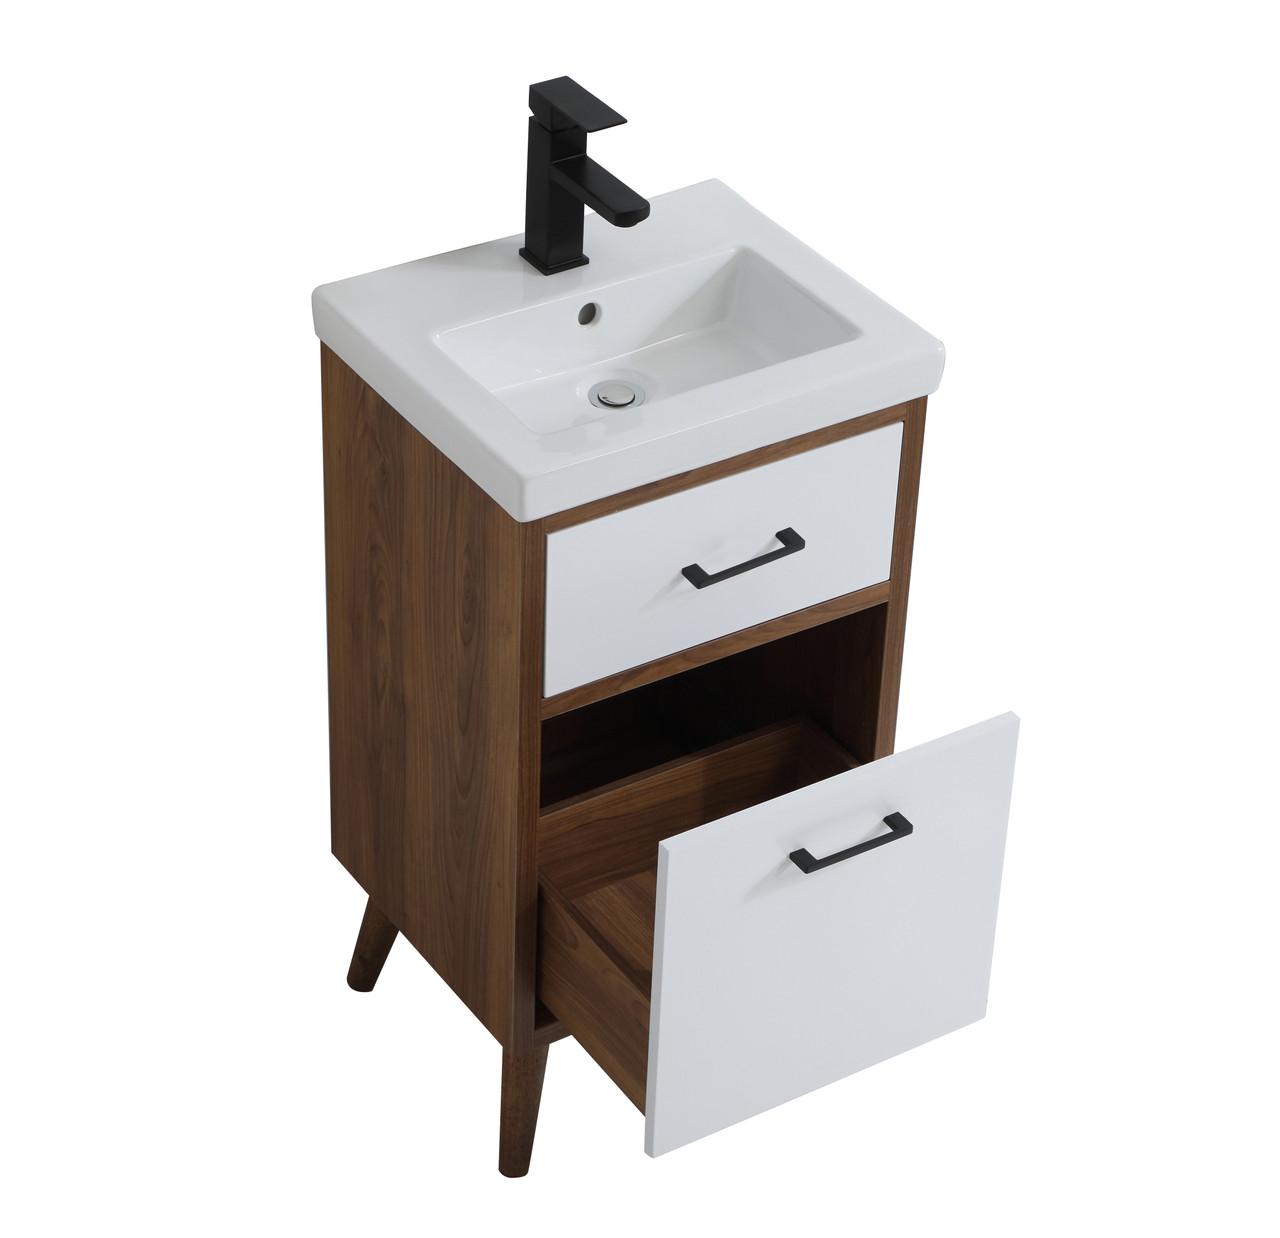 Elegant Decor Vf41018wh Boise 18 Inch Bathroom Vanity In Matte White